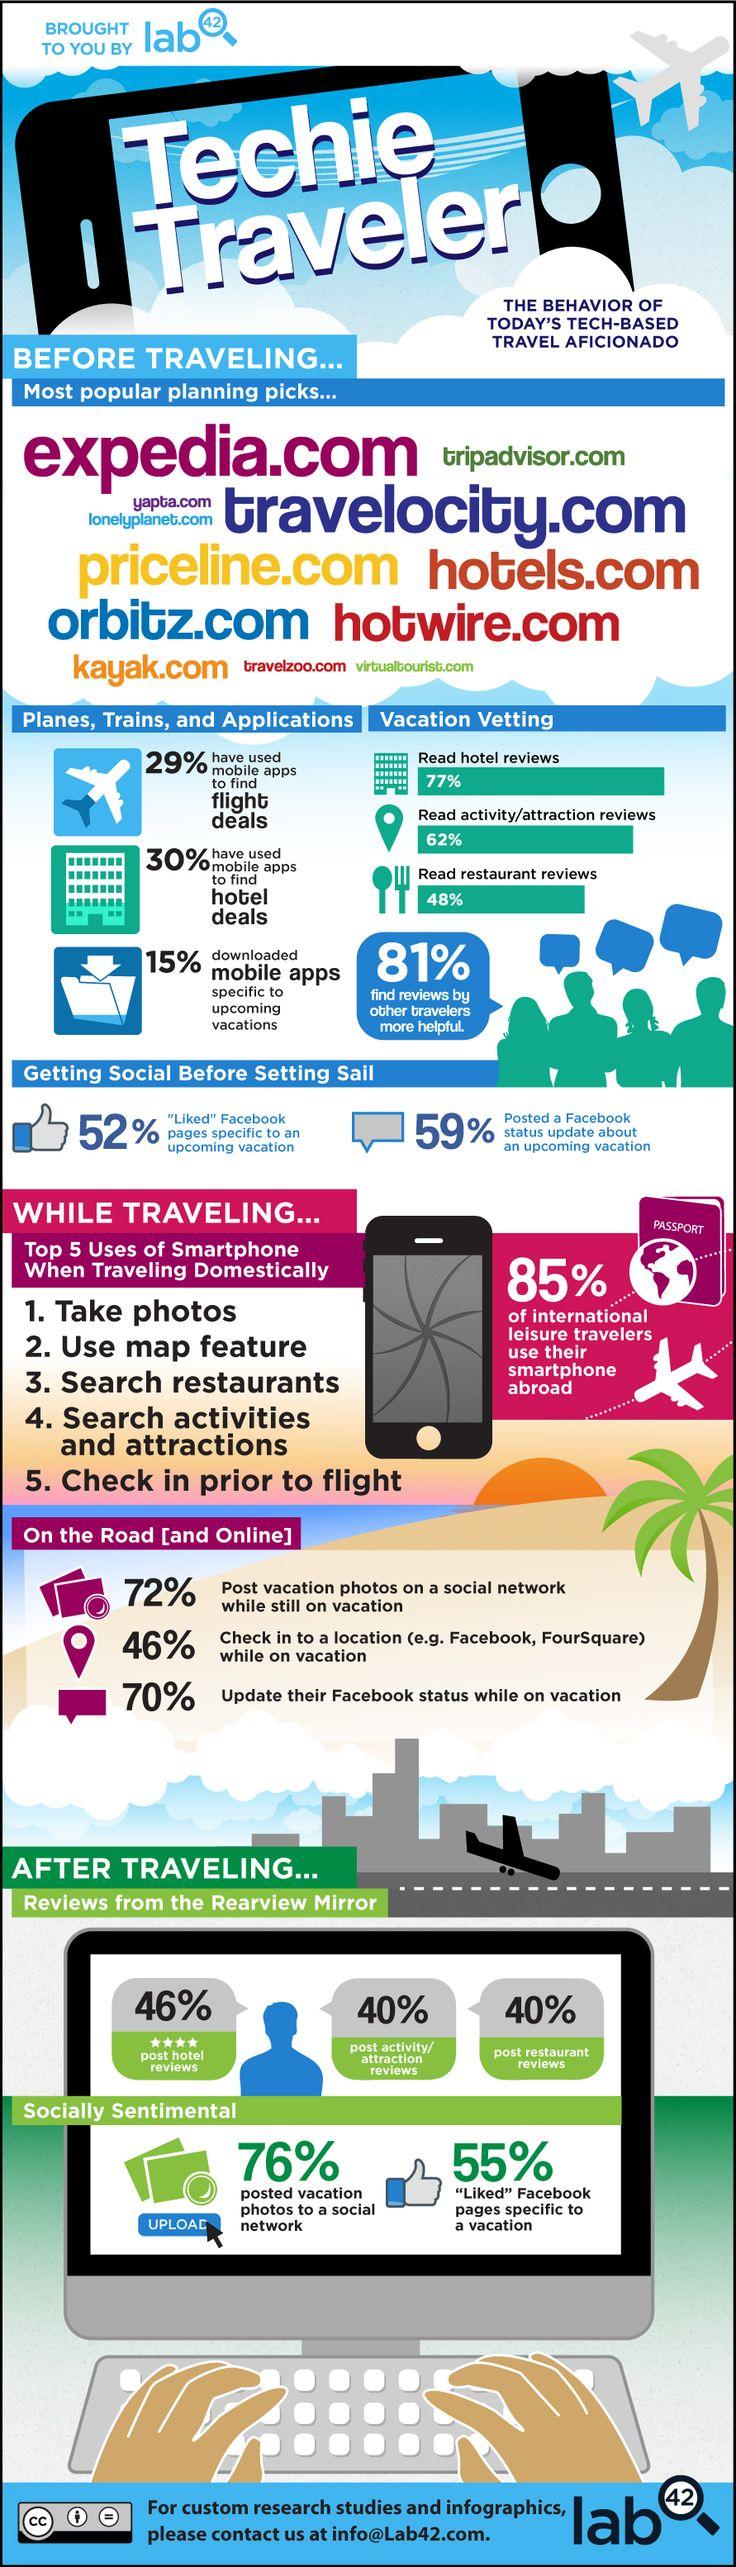 Jak mobilní aplikace, portály o cestování a sociální sítě ovlivňují cestování